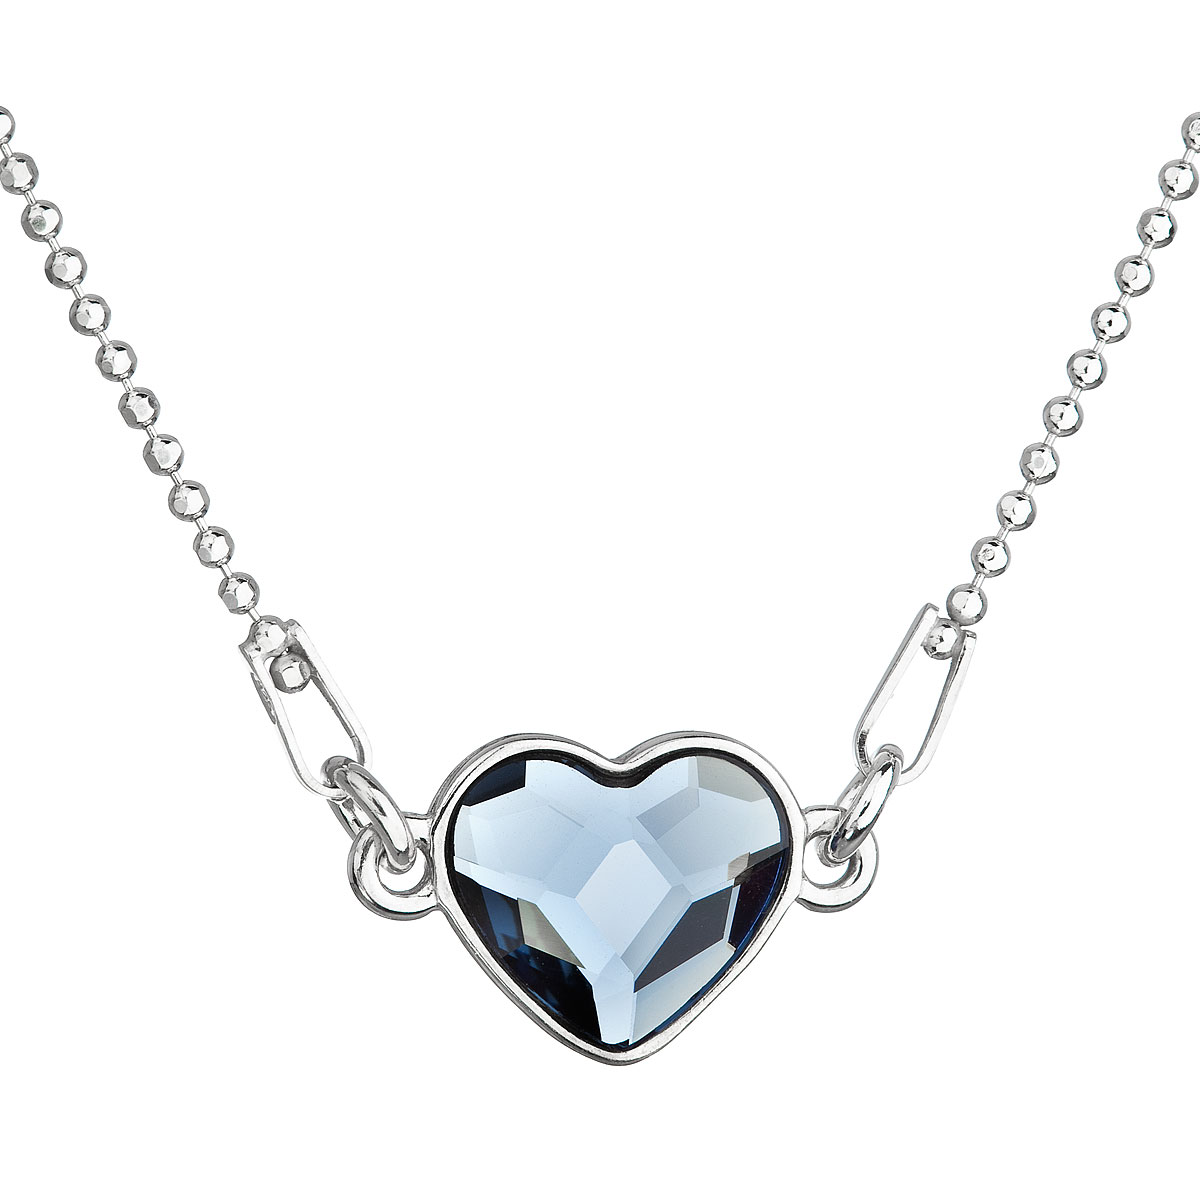 Strieborný náhrdelník s krištálom Swarovski modré srdce 32061.3